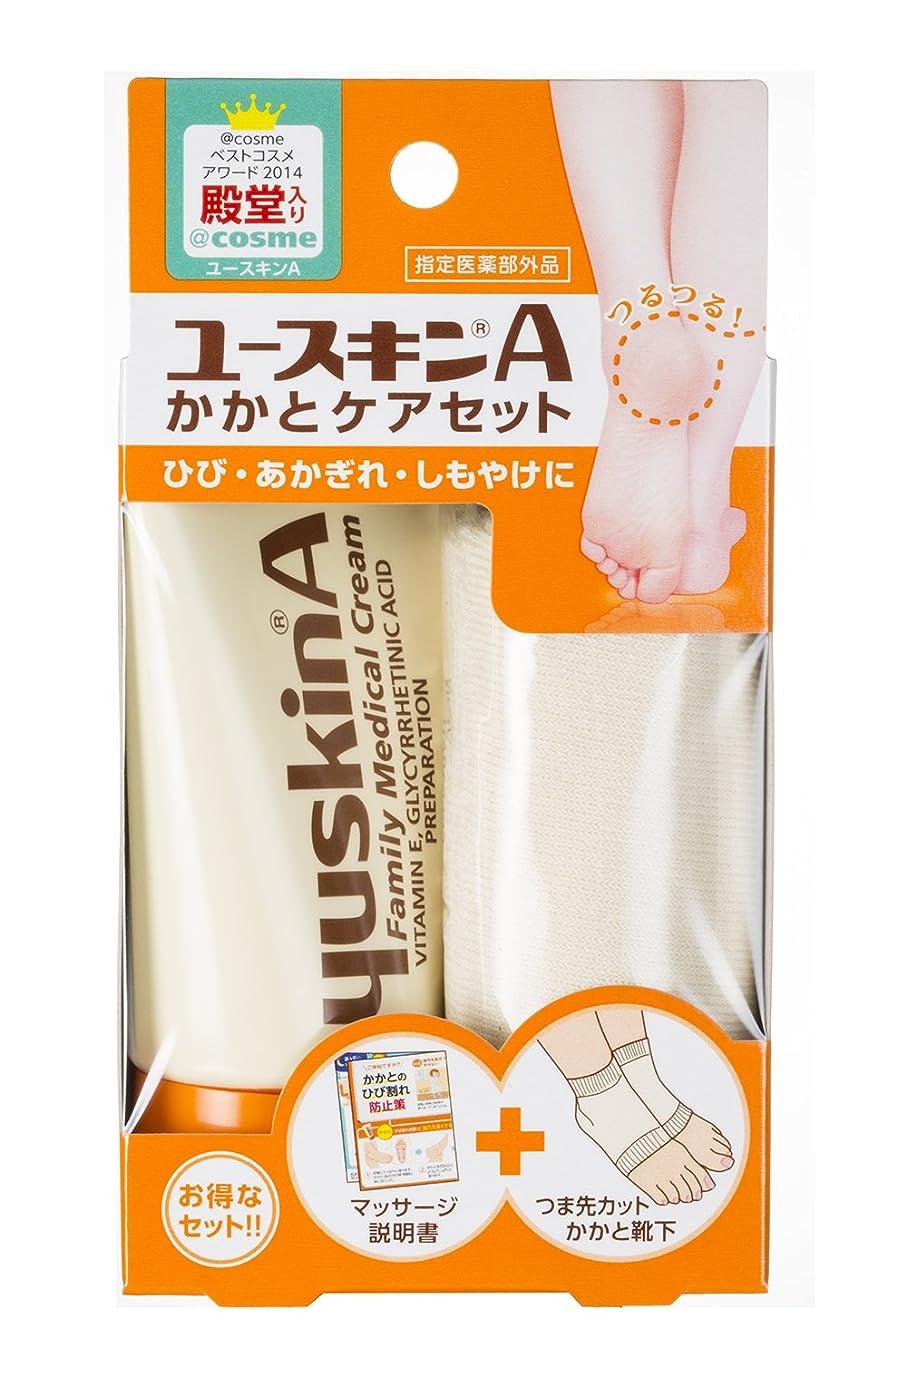 補充汚れる意義ユースキンA かかとケアセット 60g (靴下つき 保湿クリーム) [指定医薬部外品]